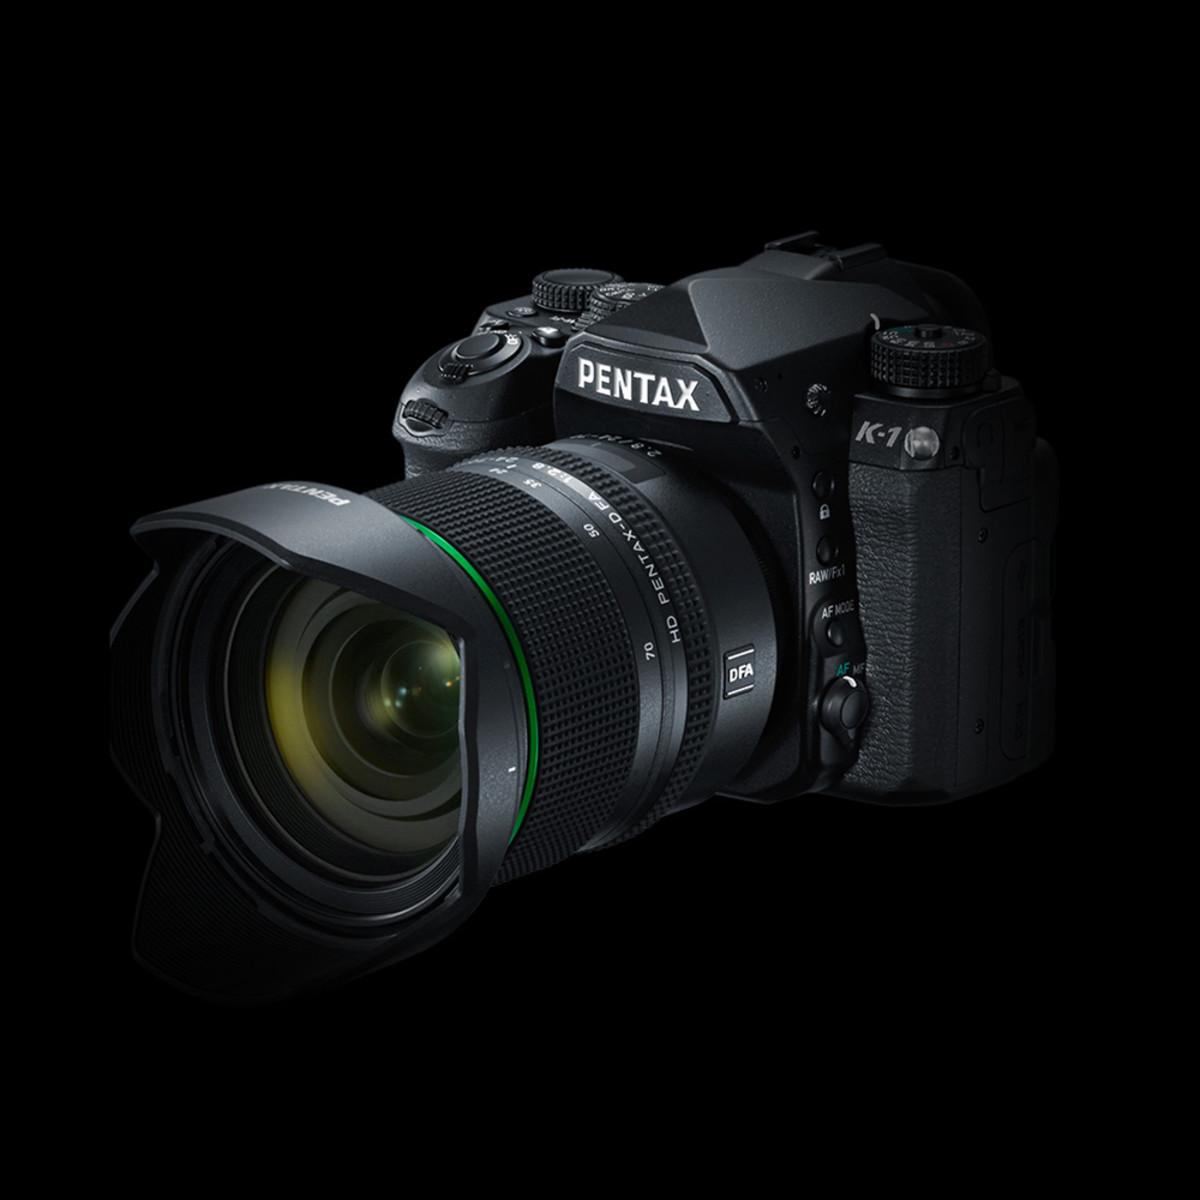 Photo: Pentax